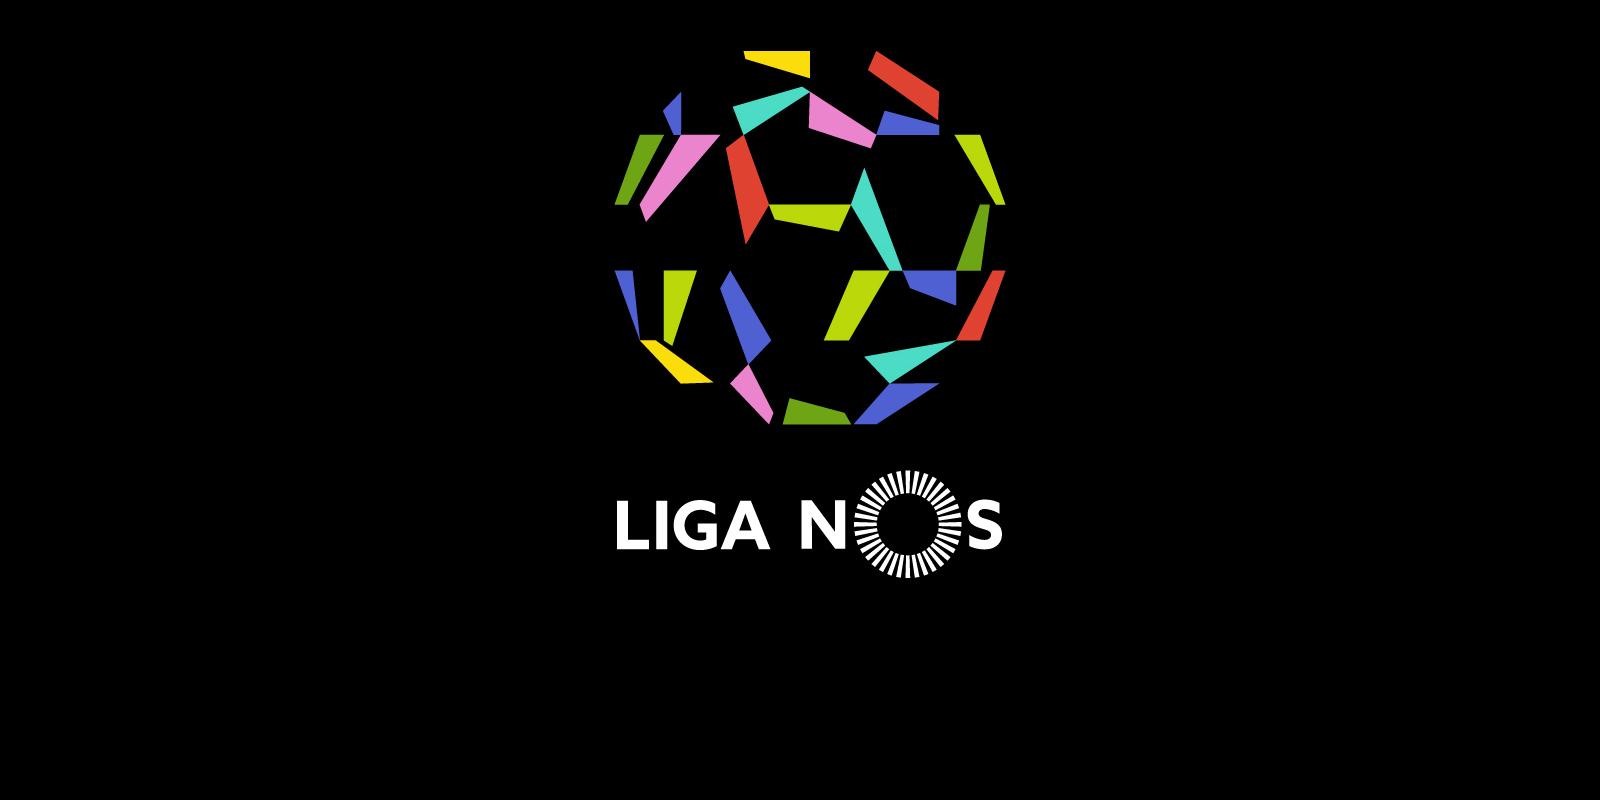 Primeira Liga 2018/2019: Quem será o vencedor?